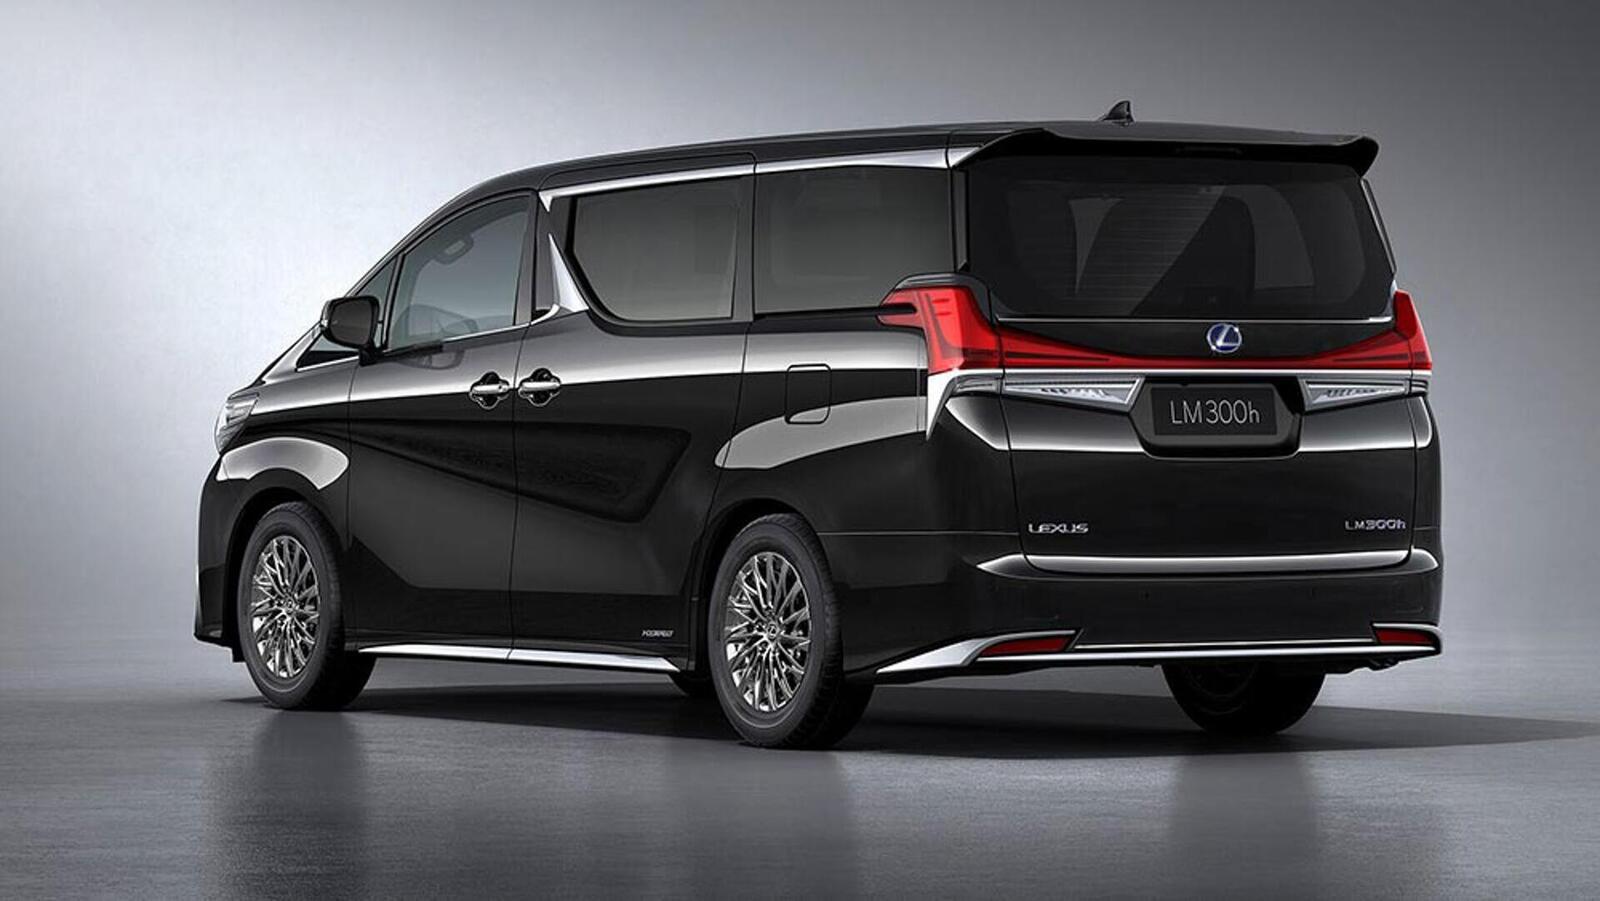 Lexus giới thiệu LM hoàn toàn mới: Chiếc minivan mang đẳng cấp khác biệt so với Toyota Alphard - Hình 3